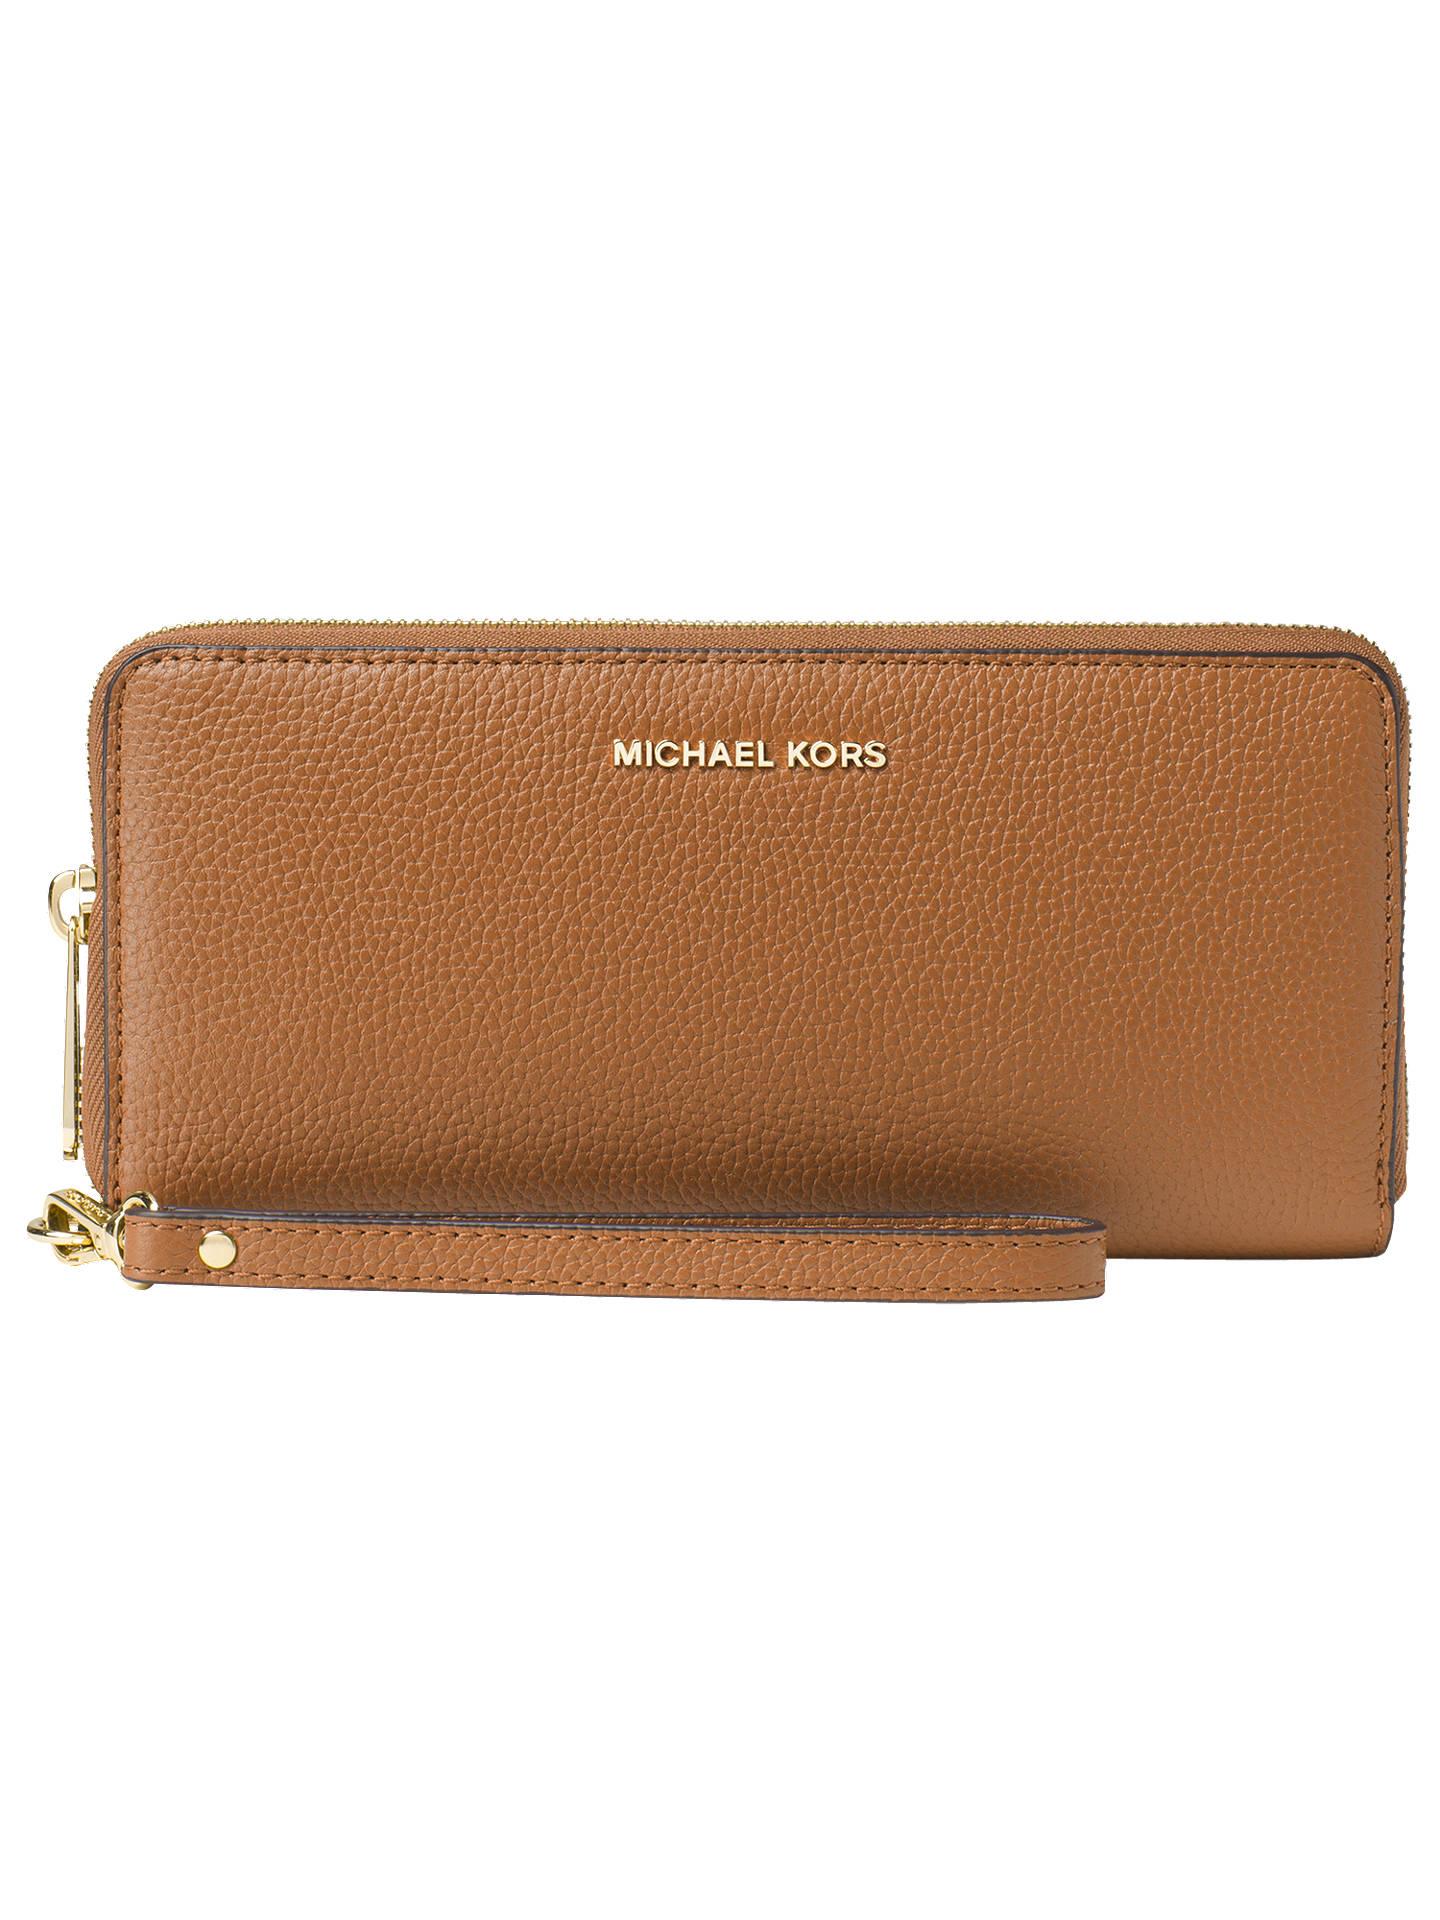 ede9d4eec869 Buy MICHAEL Michael Kors Money Pieces Leather Continental Purse, Acorn  Online at johnlewis.com ...